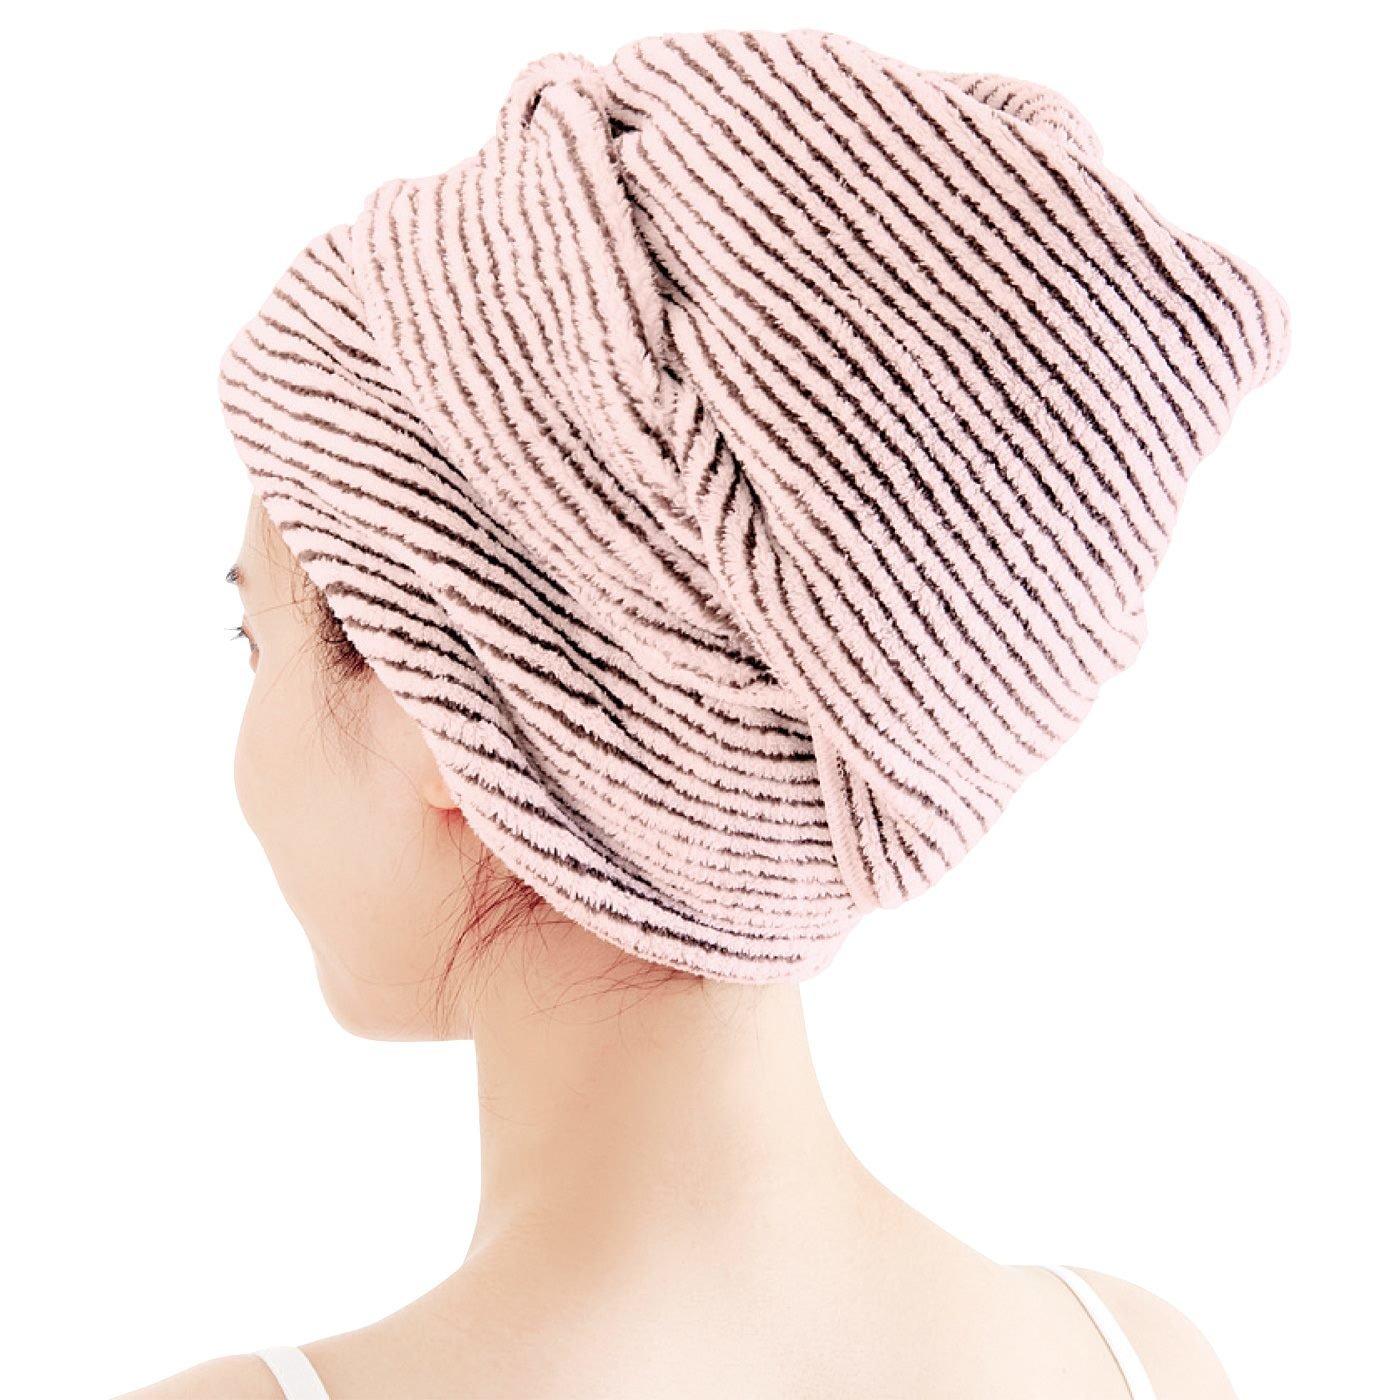 長い髪もしっかりまとめて吸水速乾 竹炭混の細幅バスタオル〈ピンク〉の会